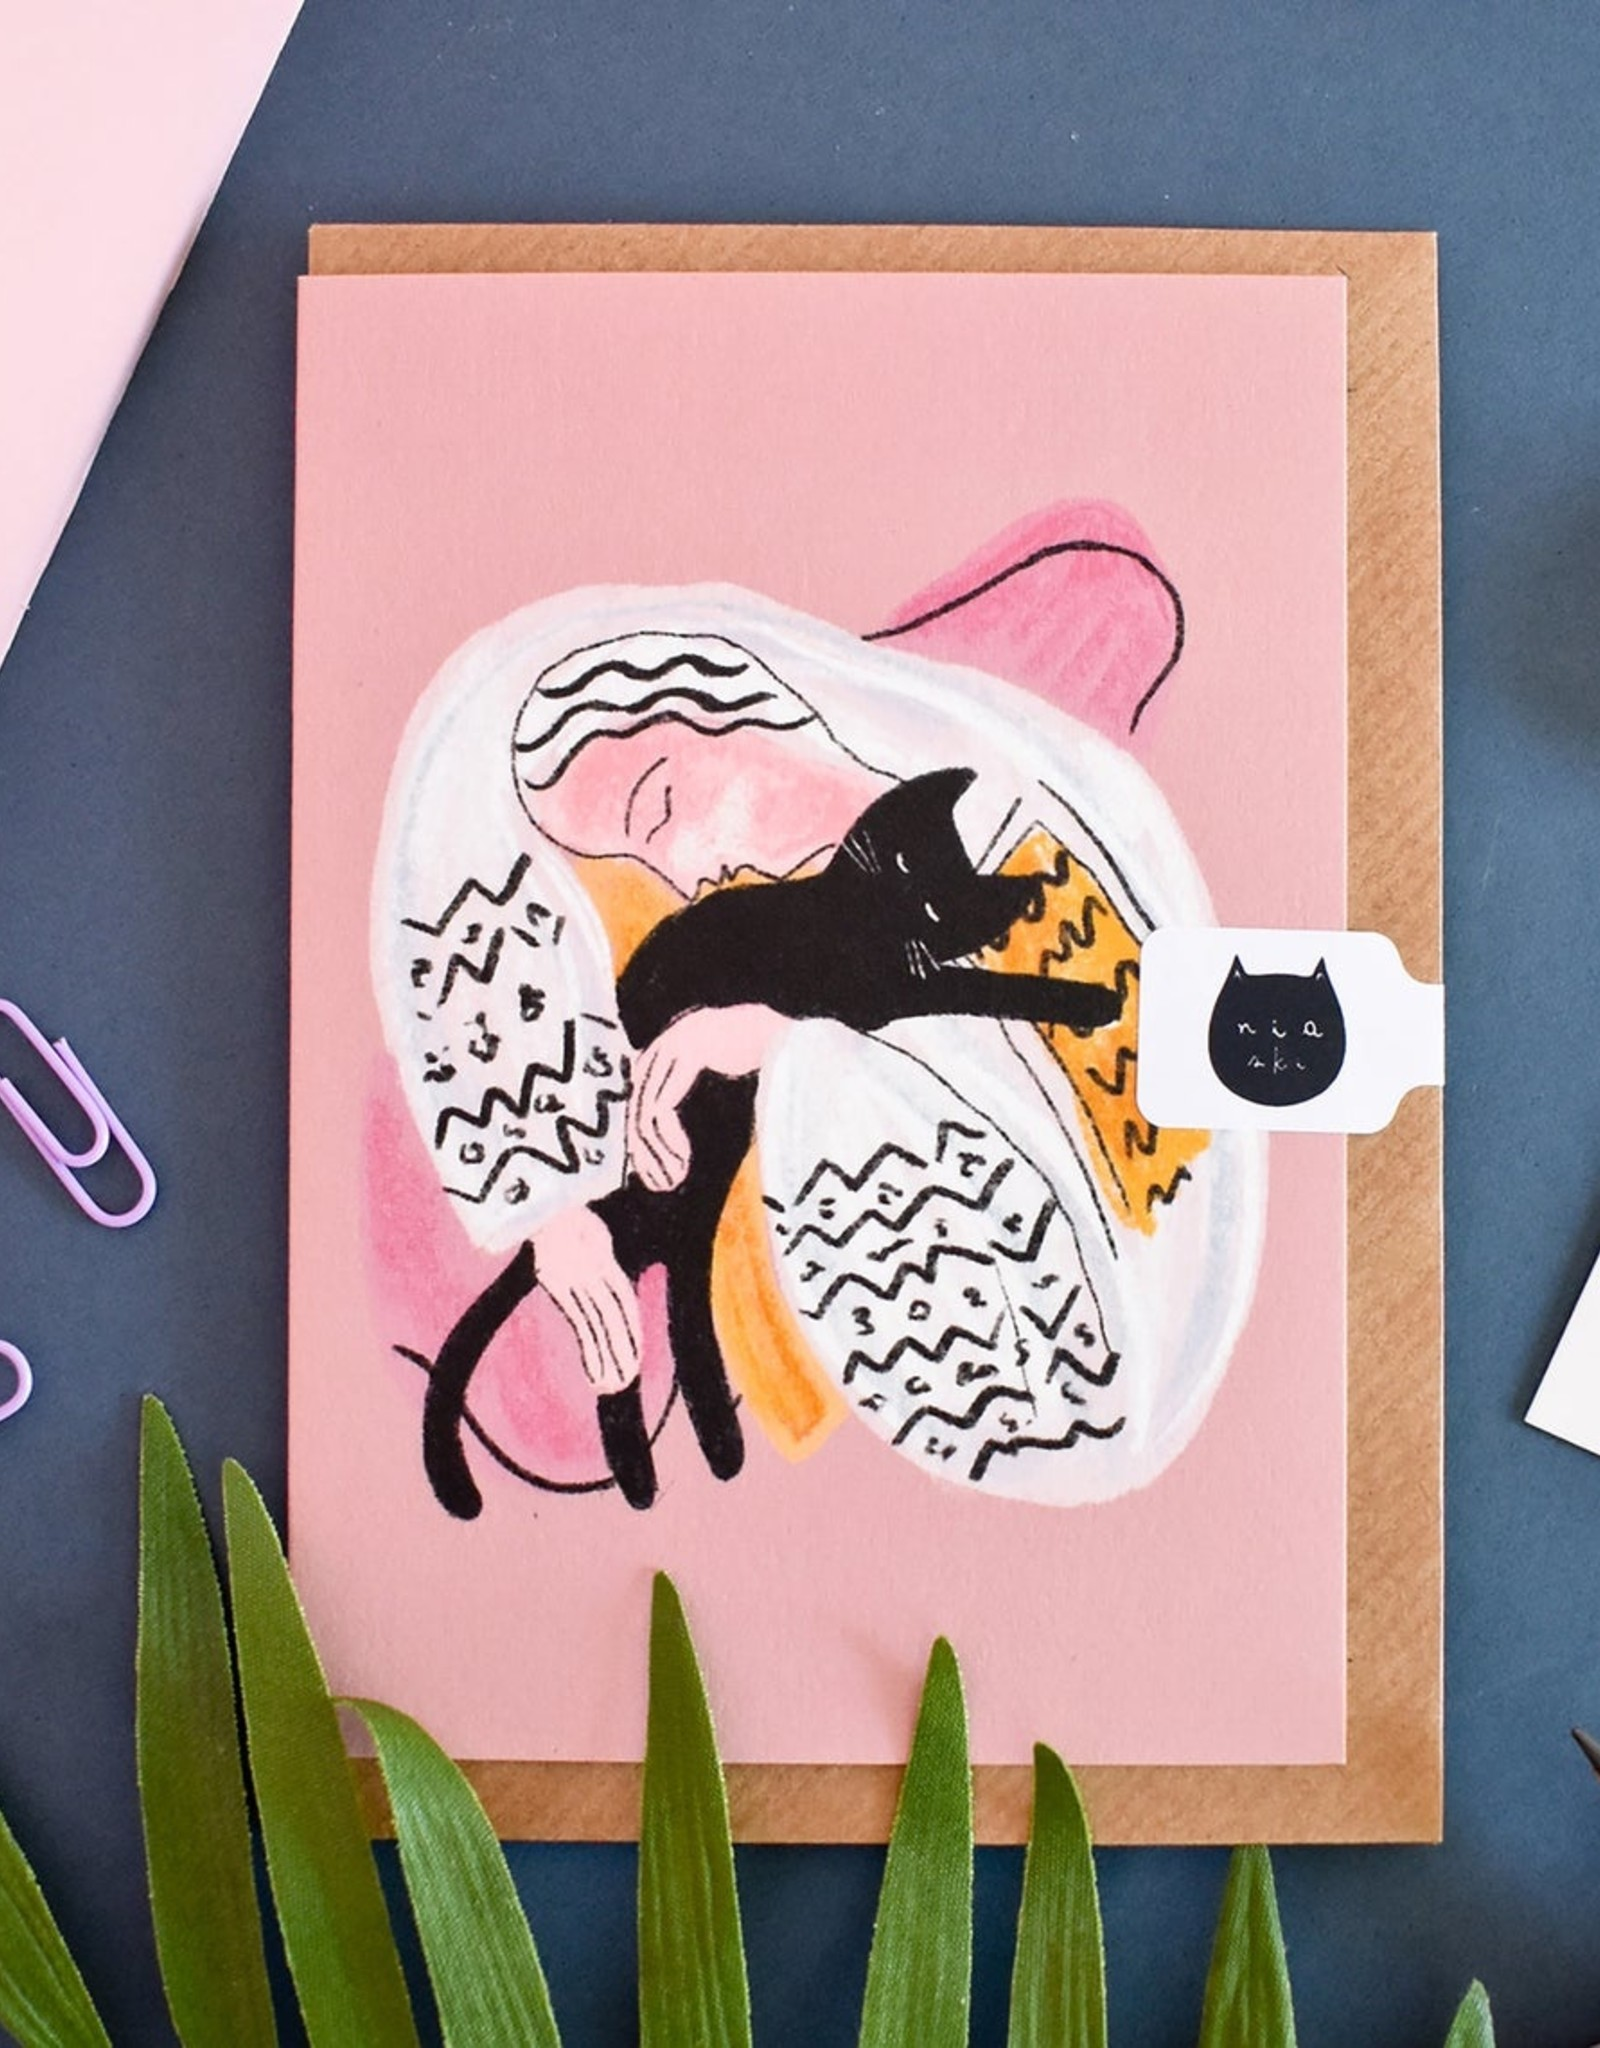 Niaski Niaski - cat hug (love cat matisse) kaart